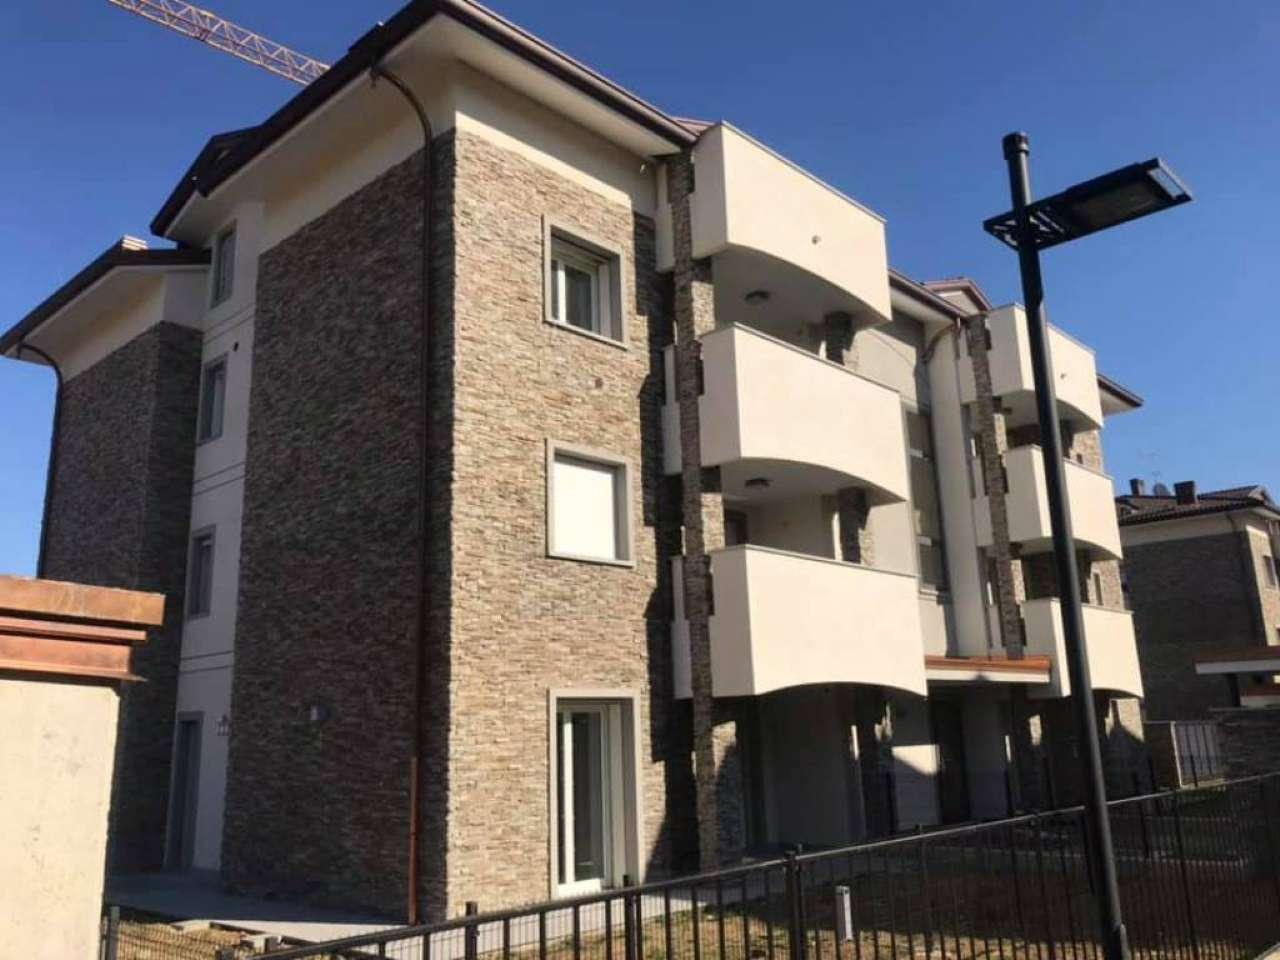 Appartamento in vendita a Cesano Maderno, 2 locali, prezzo € 150.000 | PortaleAgenzieImmobiliari.it